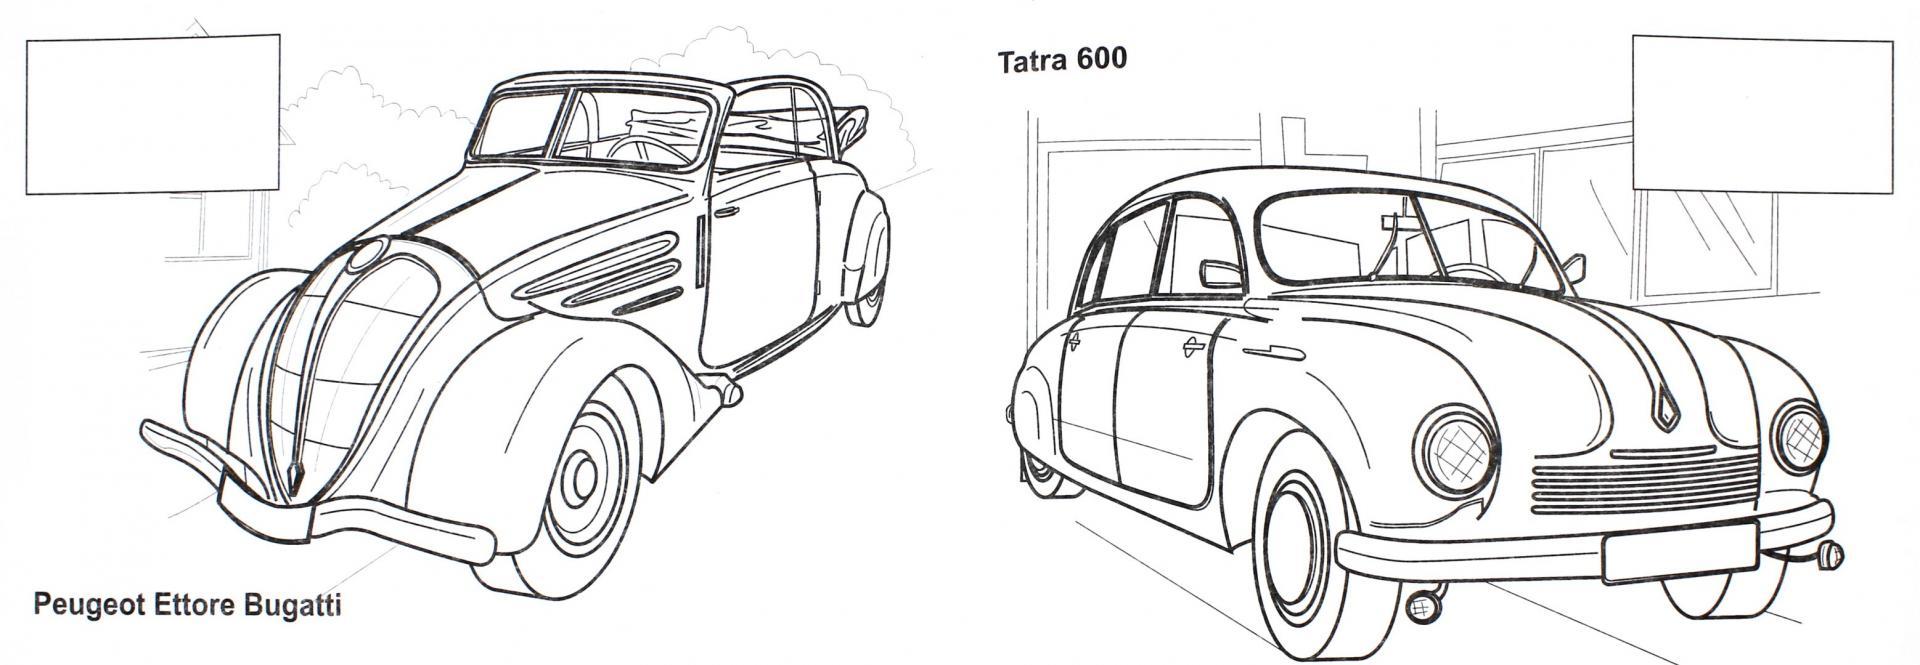 Иллюстрация 1 из 5 для История автомобиля | Лабиринт - книги. Источник: Лабиринт